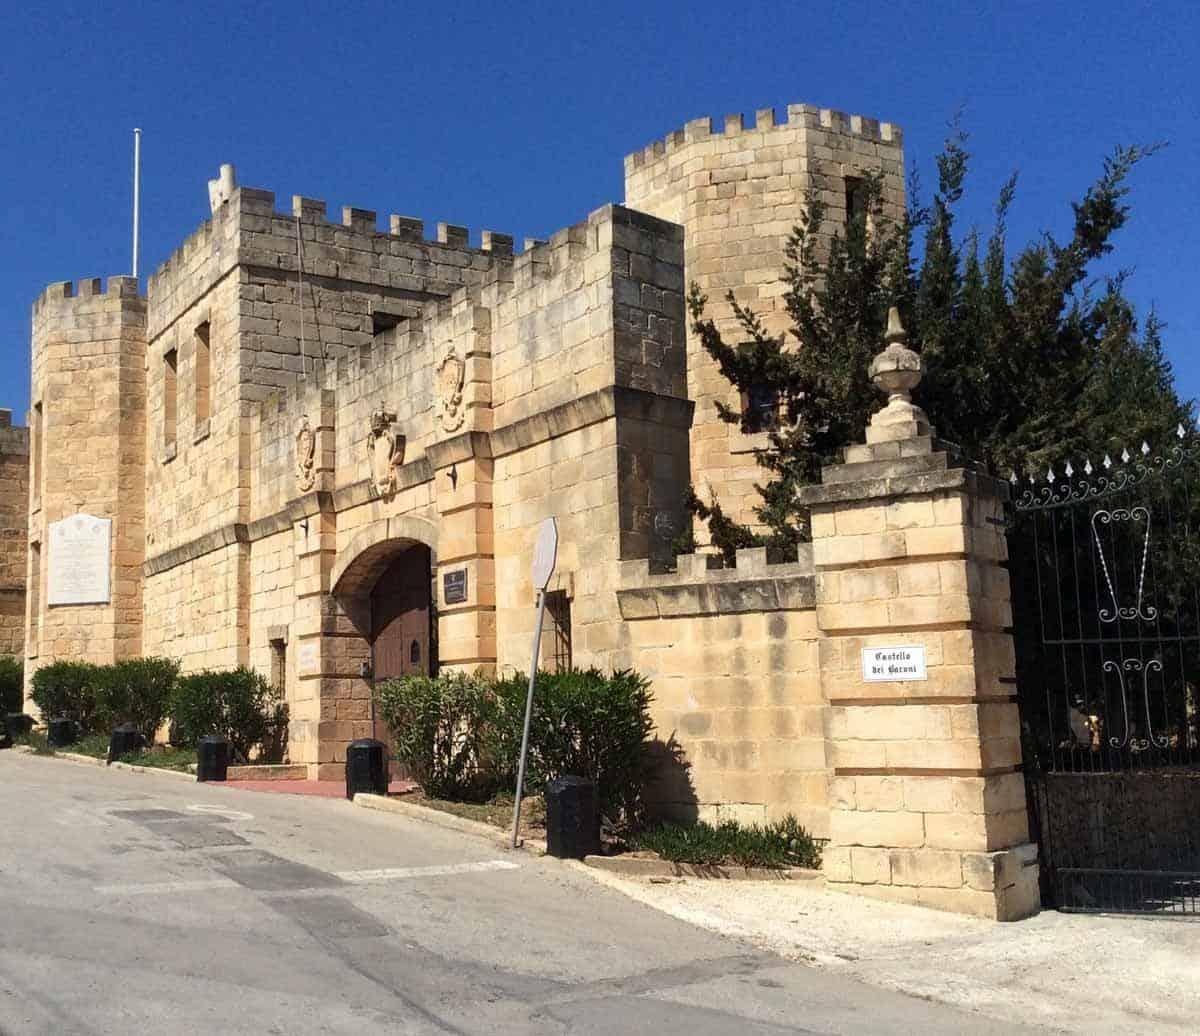 castles in malta castello dei baroni